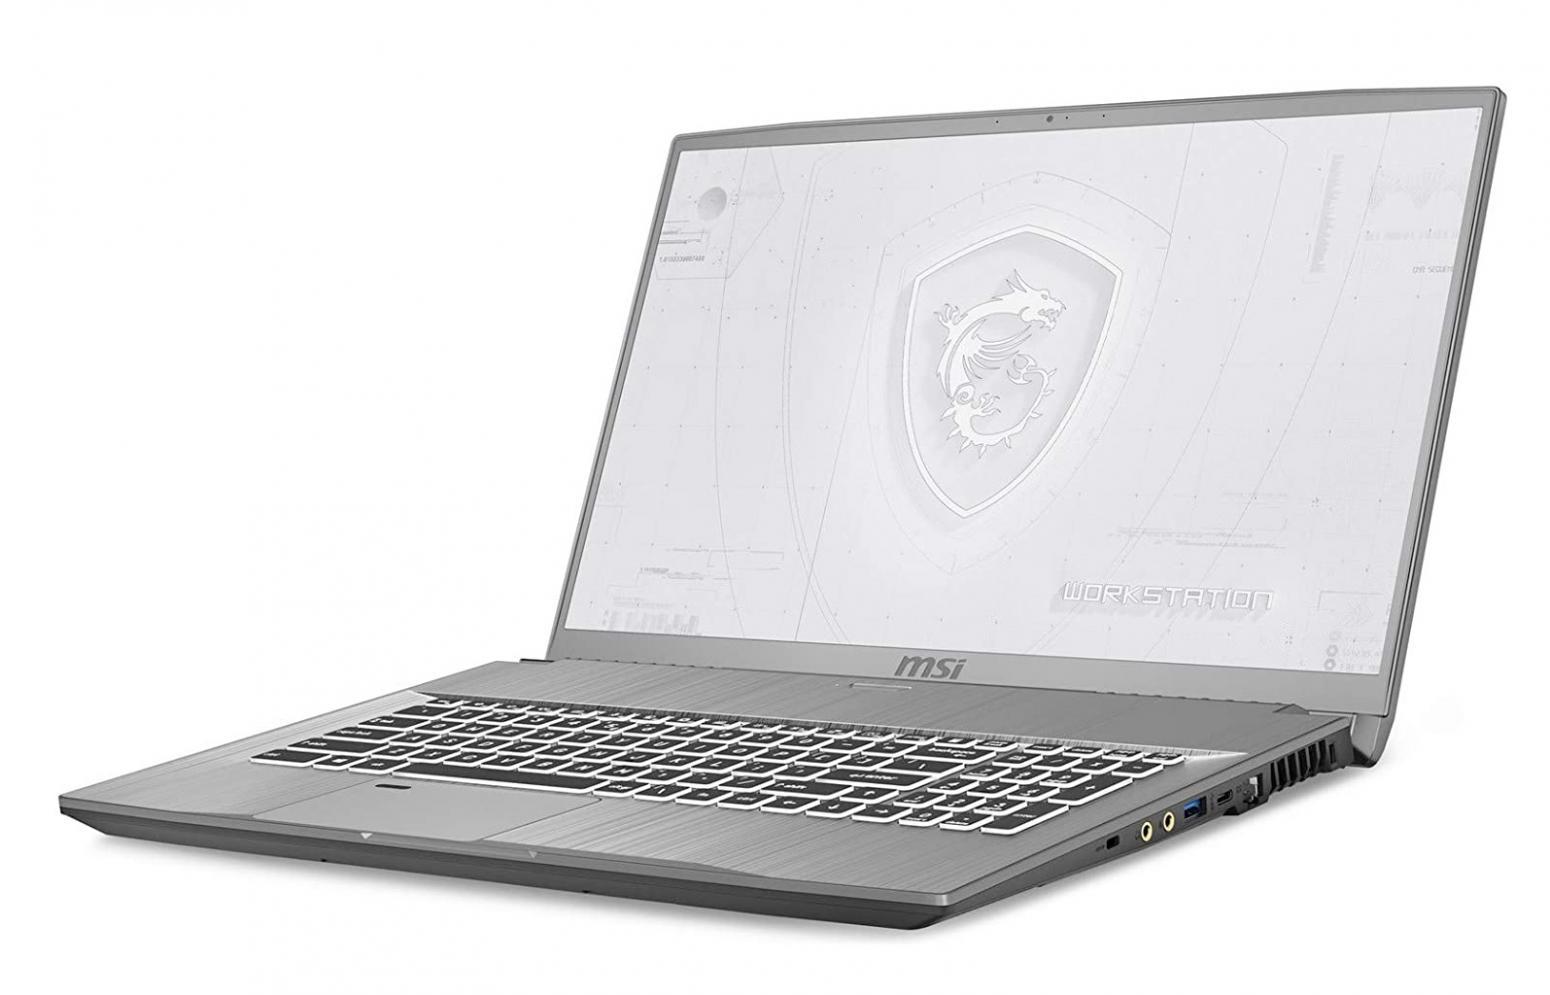 Ordinateur portable MSI WF75 10TK-244FR - Quadro RTX 3000, IPS 144Hz, 1.5 To - photo 7